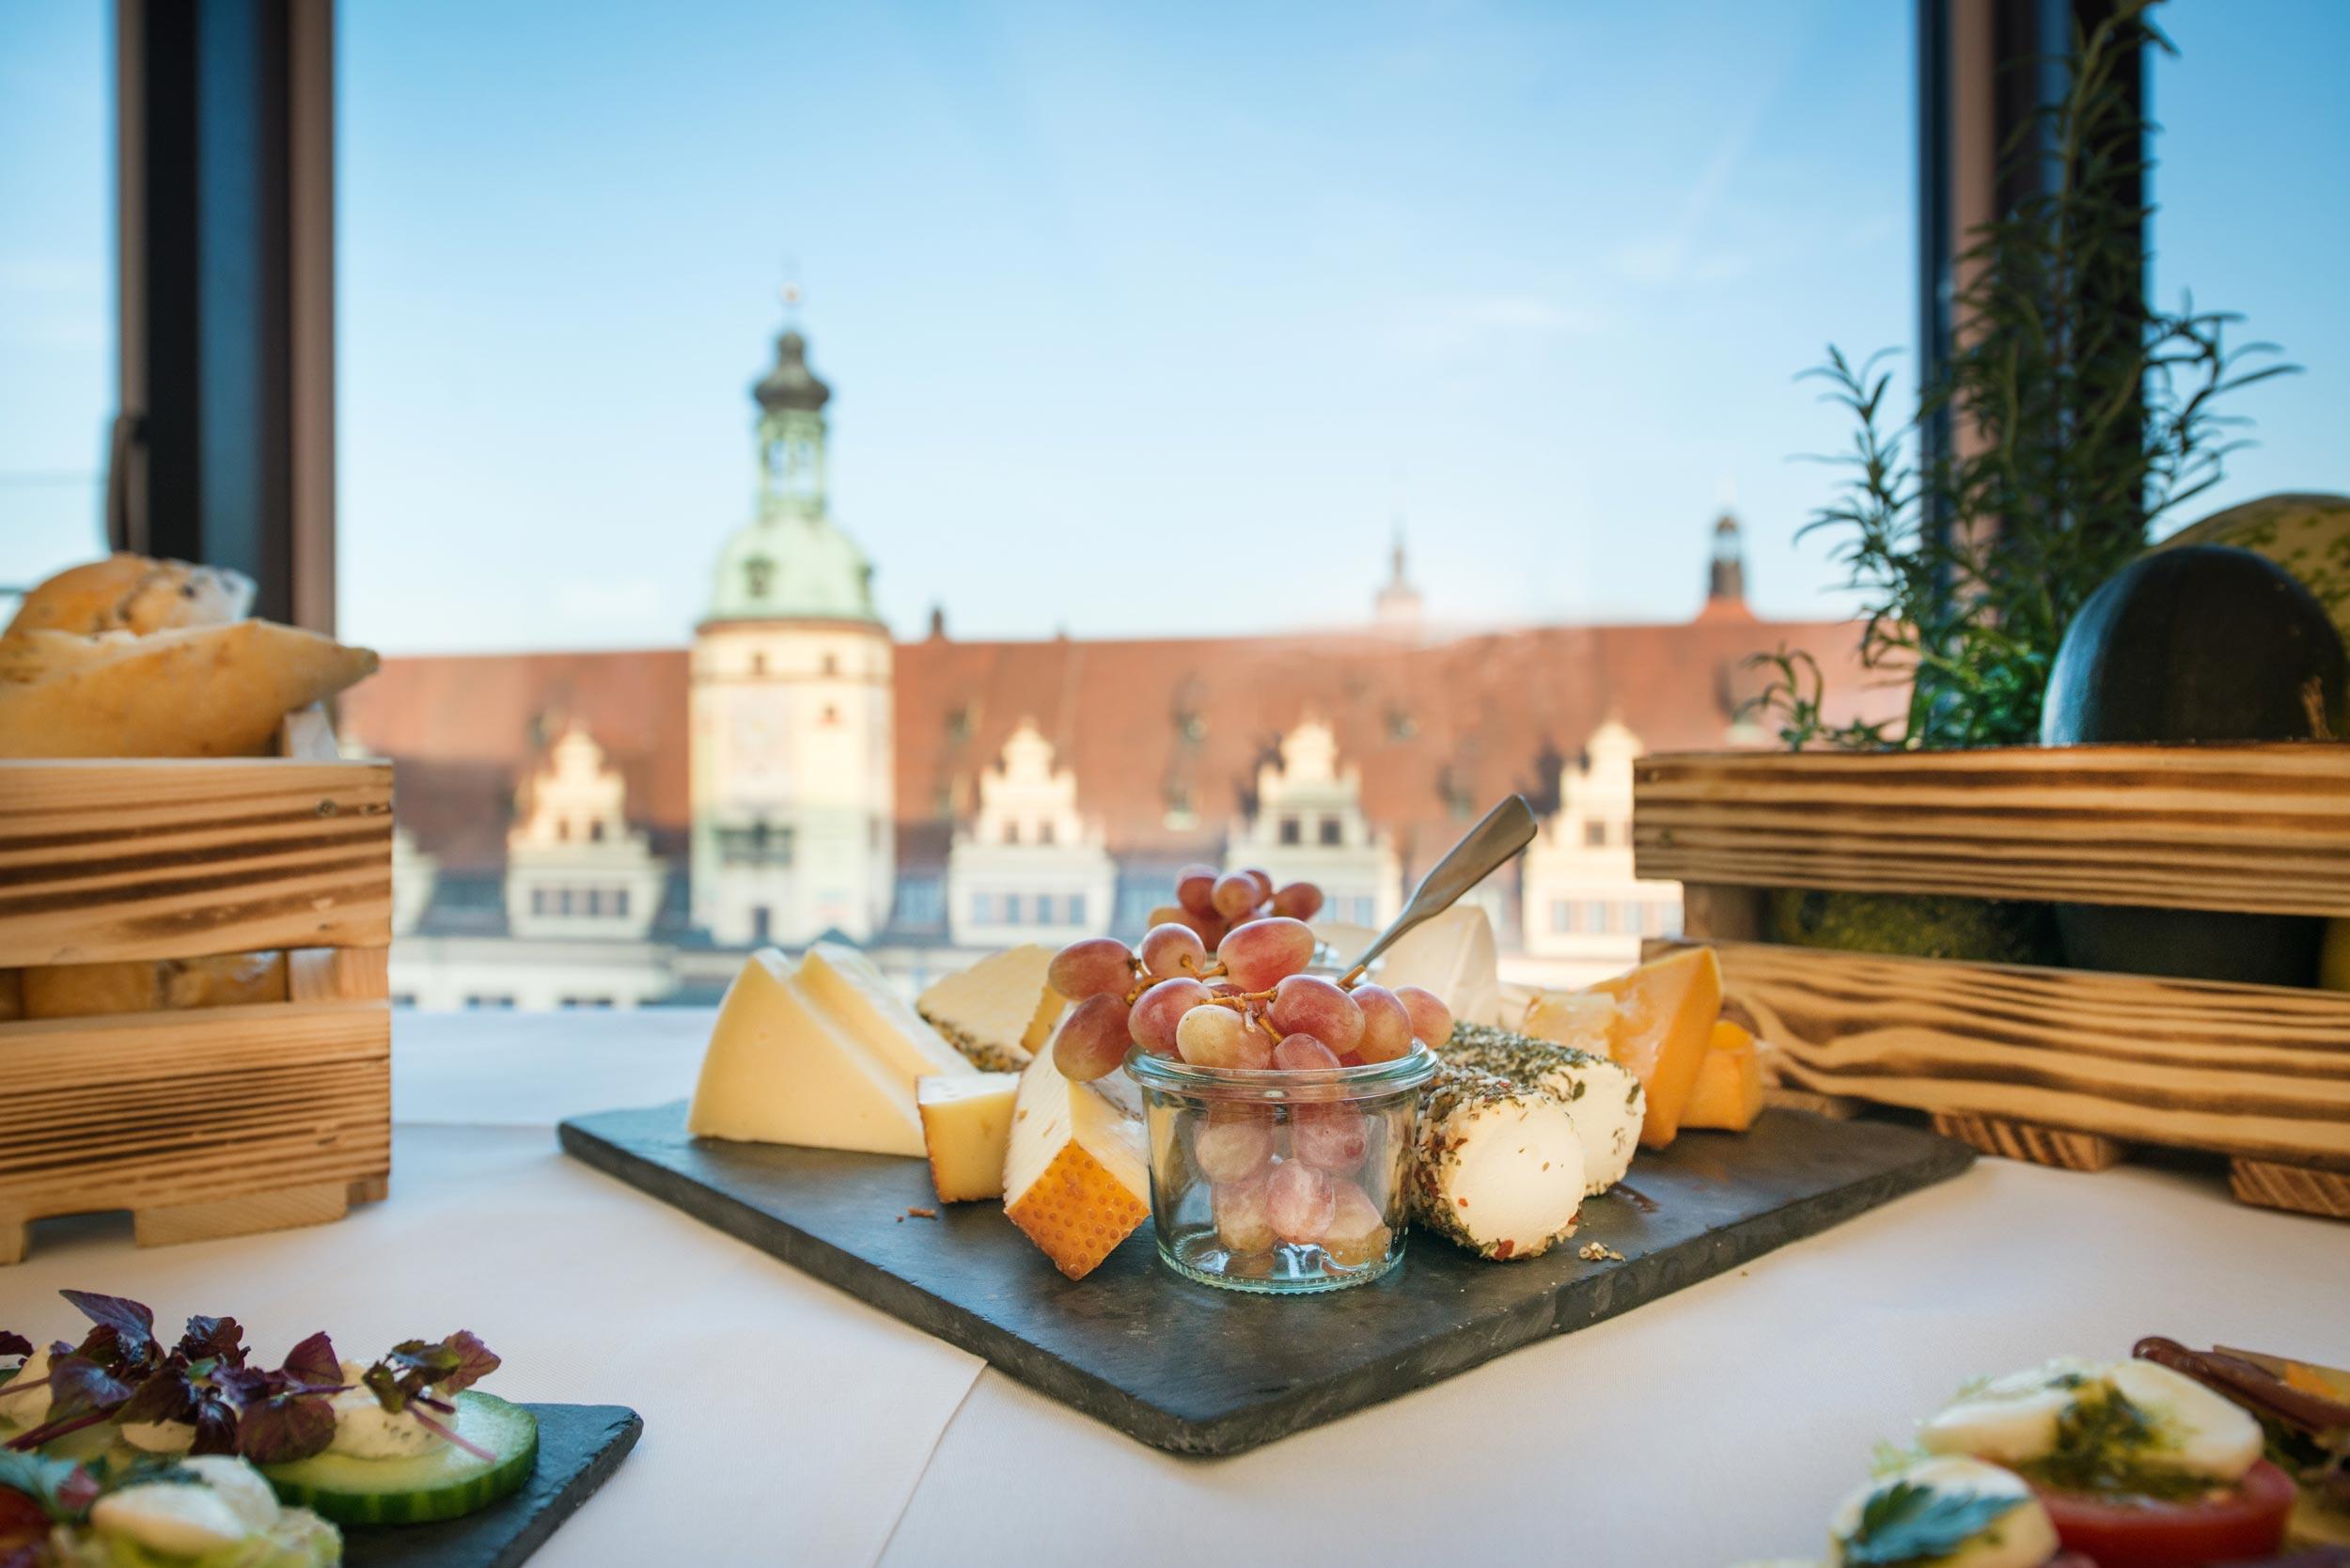 Arrangierte Käseplatte mit Weintrauben, mit Blick auf das Alte Rathaus Leipzig